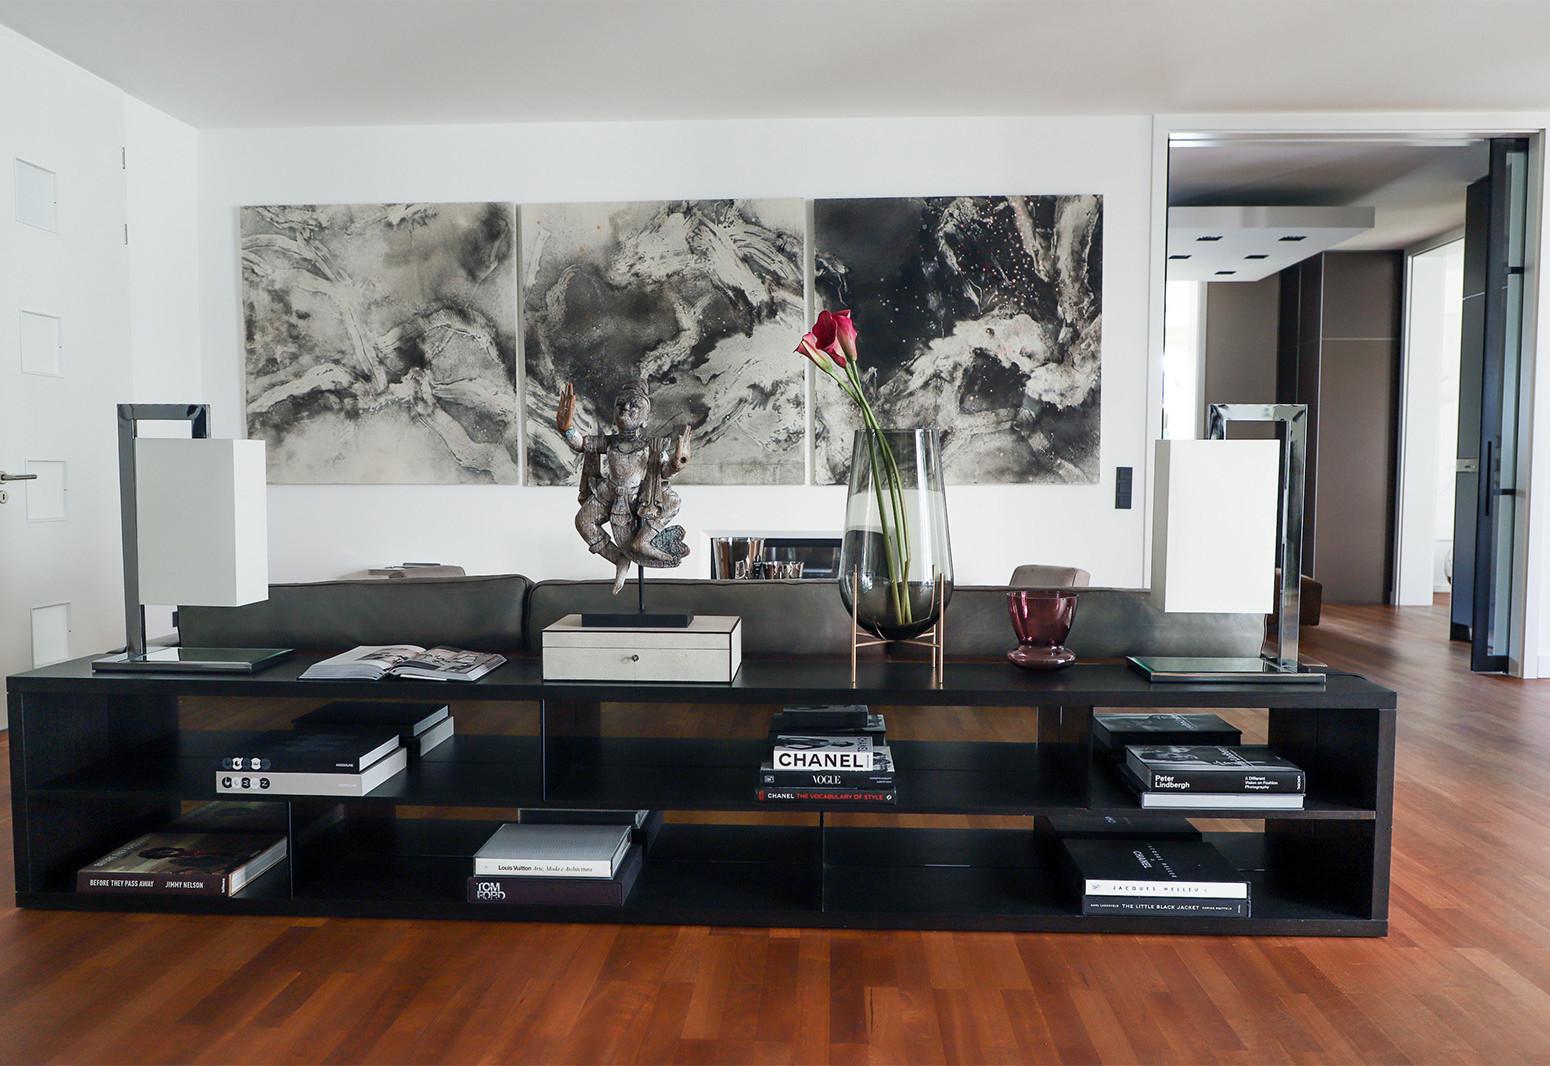 Hier sehen Sie ein Bild von Stefanie Raum Wohnzimmer Sideboard Dekoration Raum Contemporary Interior